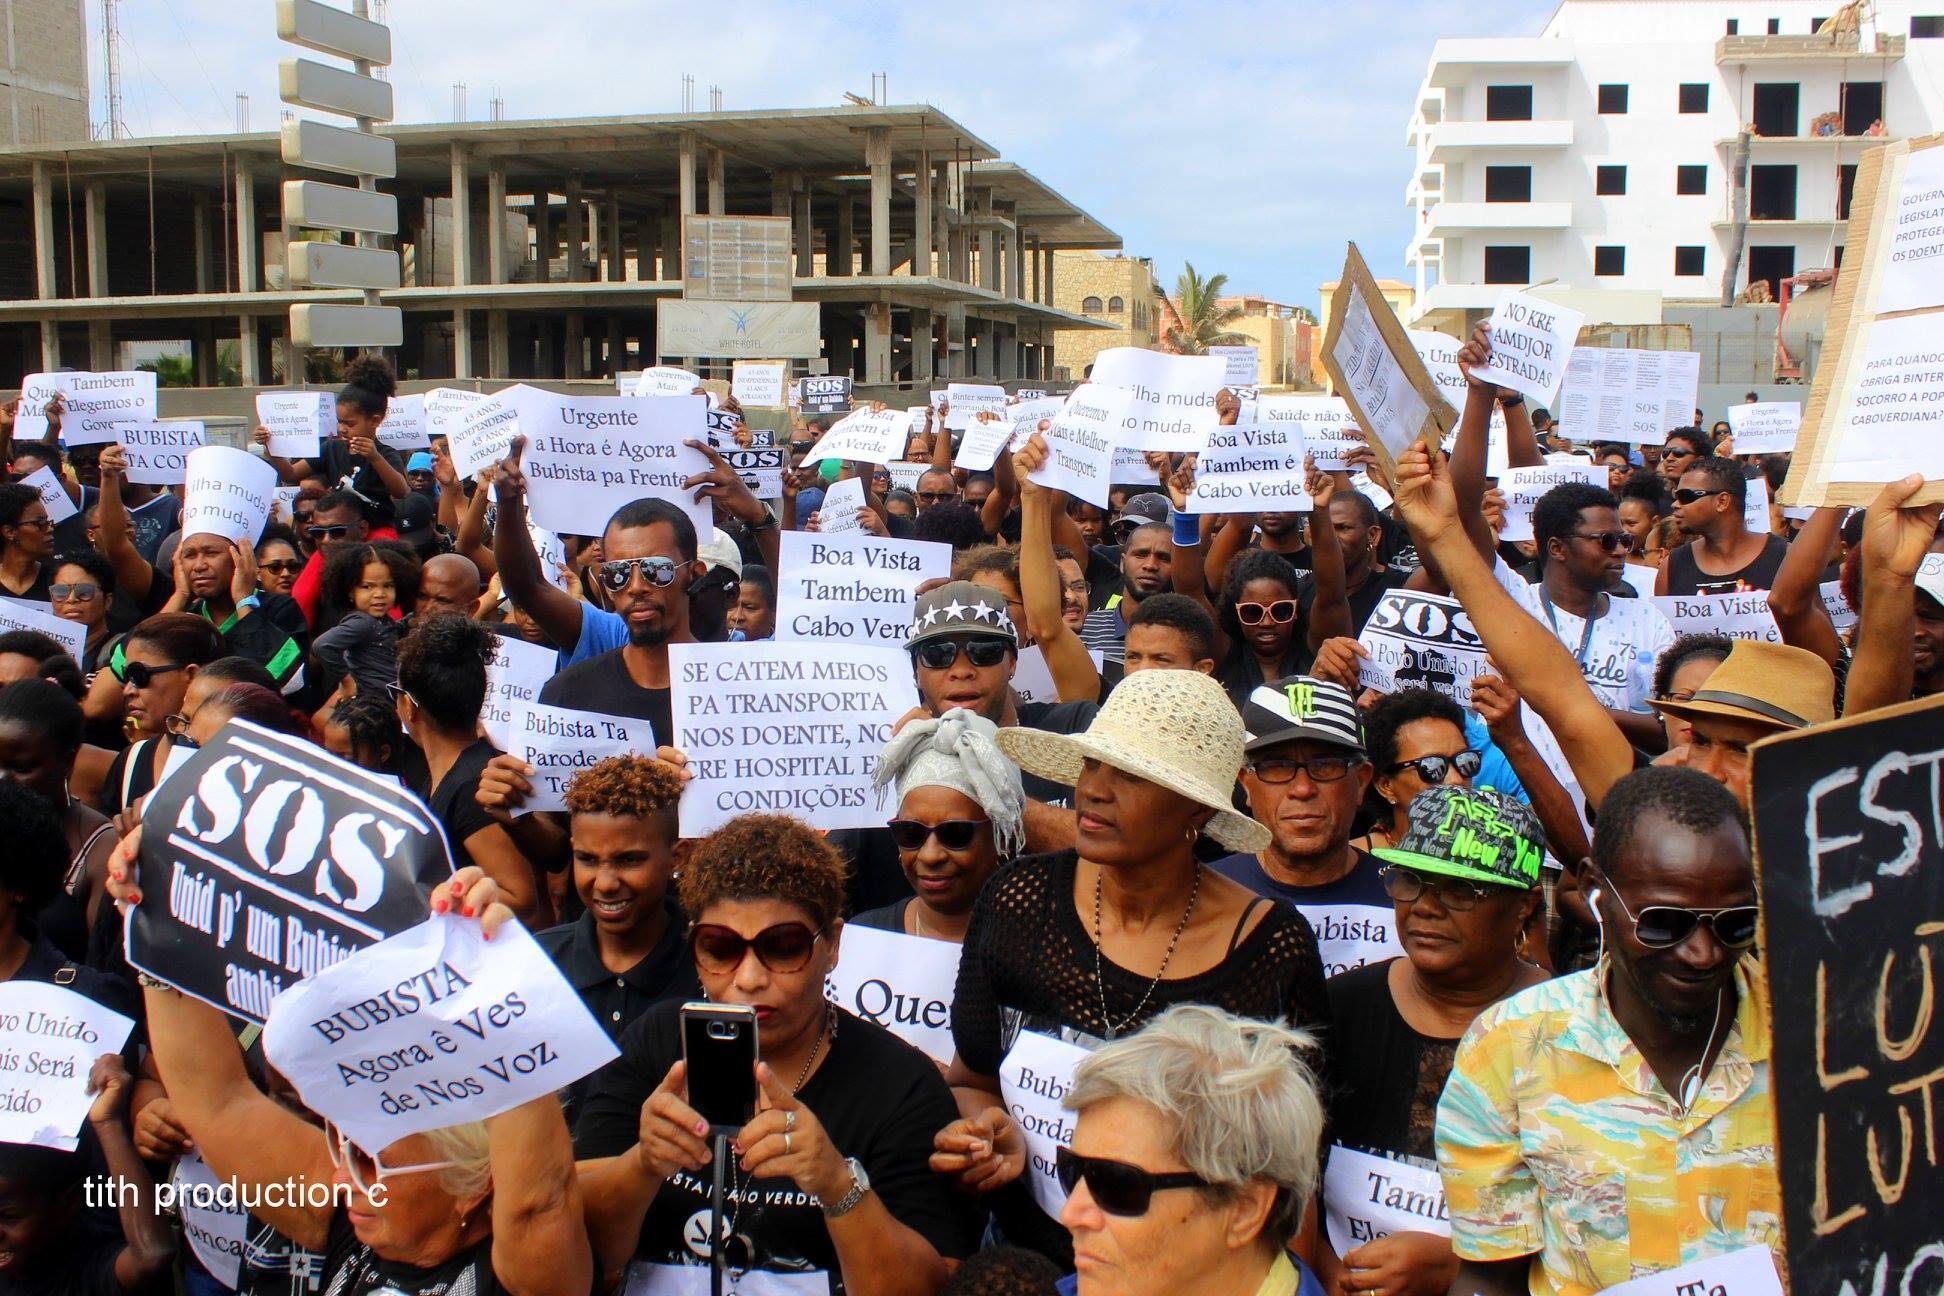 Imagem da manifestação no mural Facebook da OIAM, oposição municipal independente na ilha do Maio, Cabo Verde